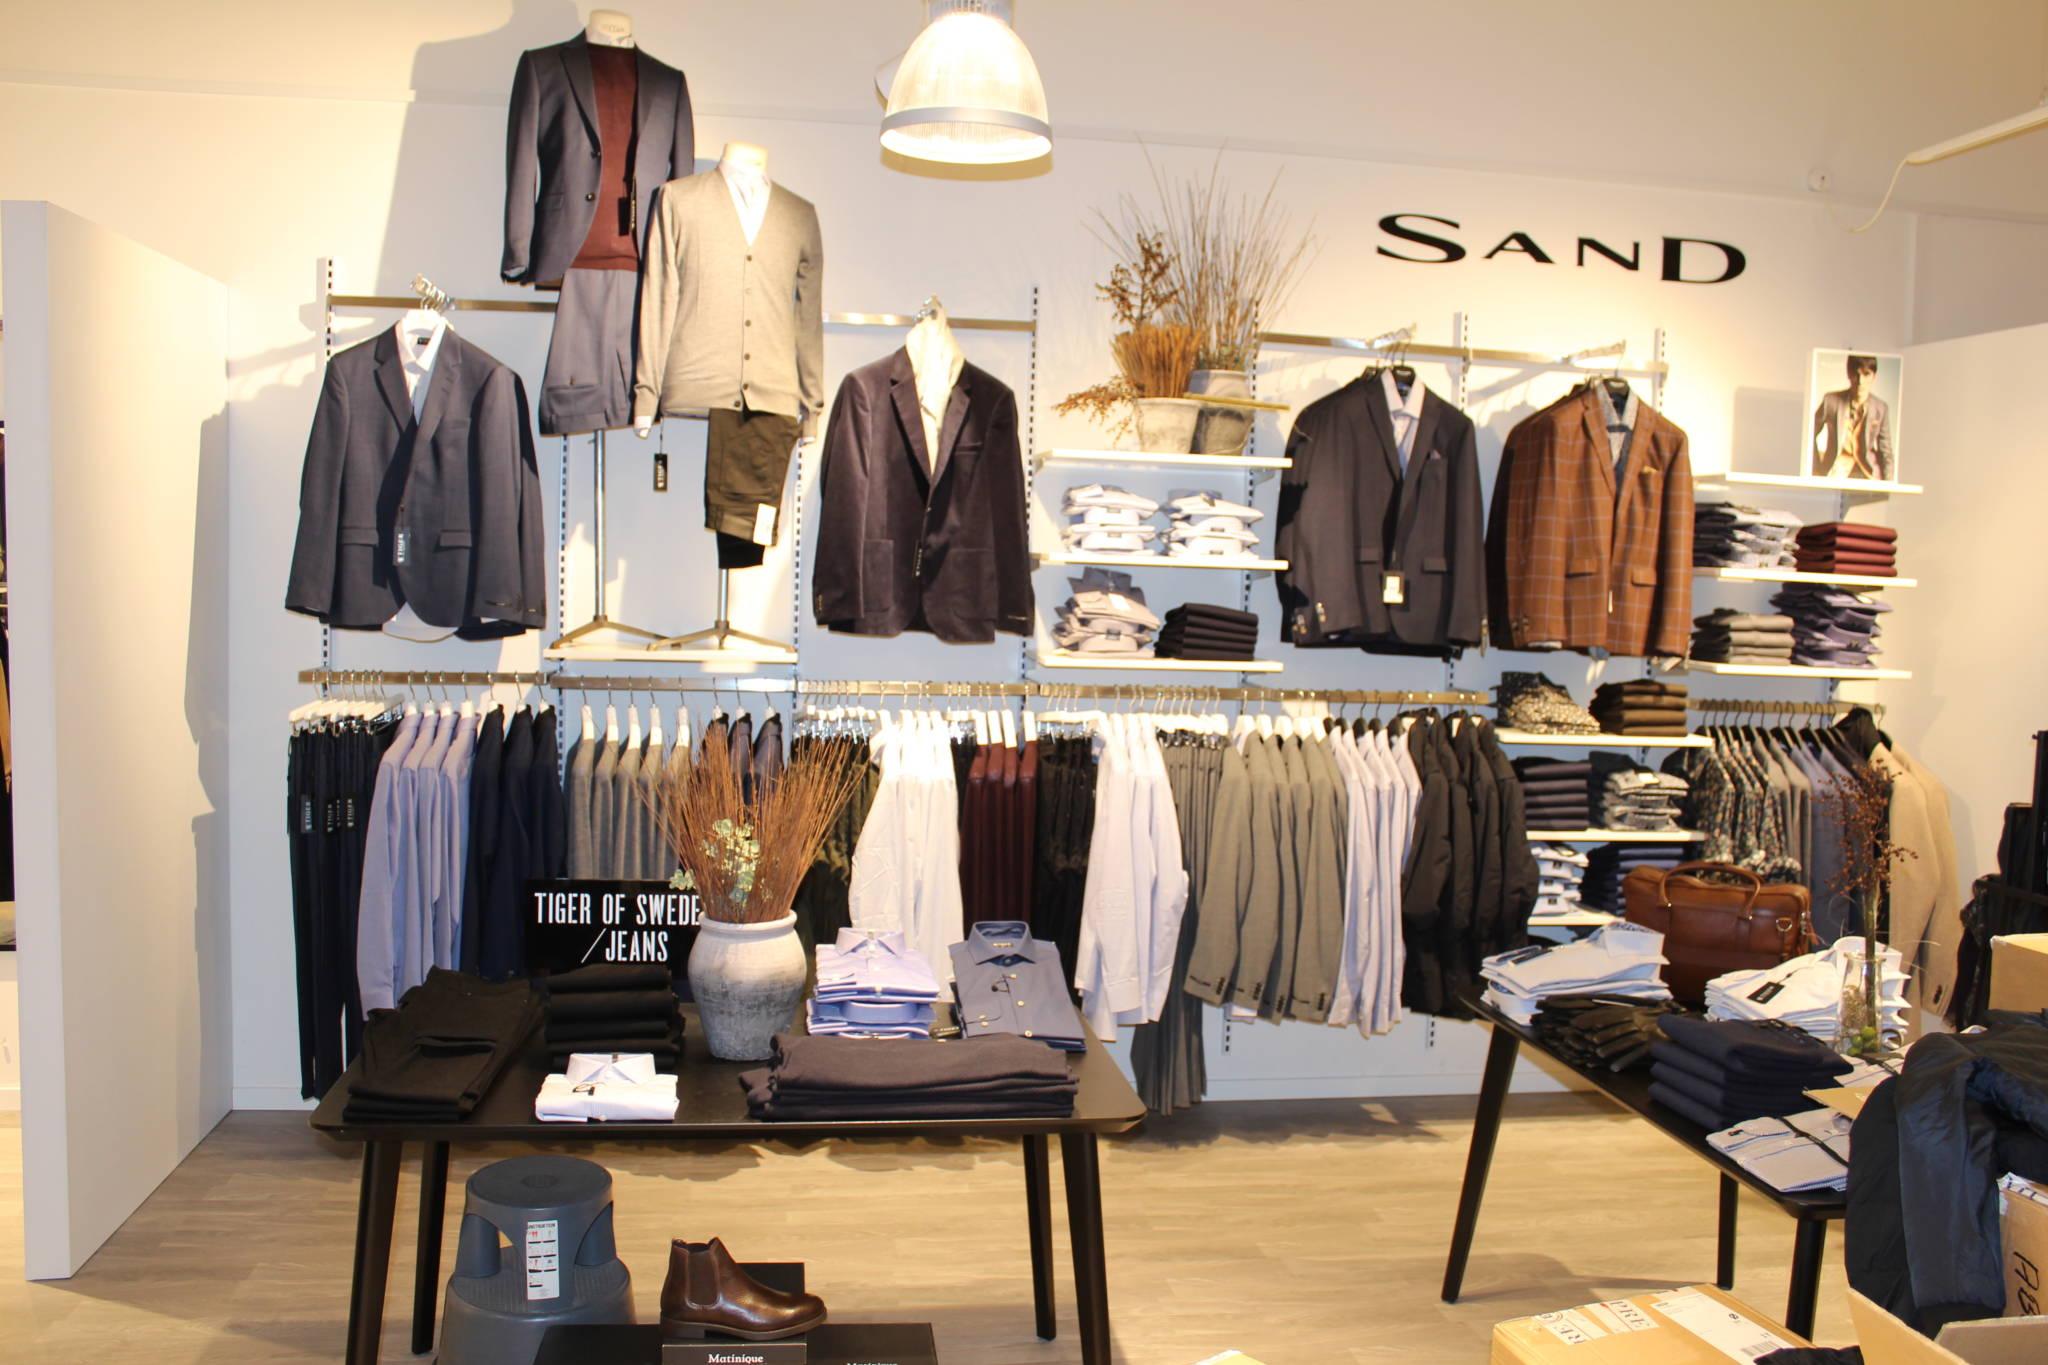 mister herrebutik hvor varerne præsenteres flot og butiksindretning. Skjorte afdelinger